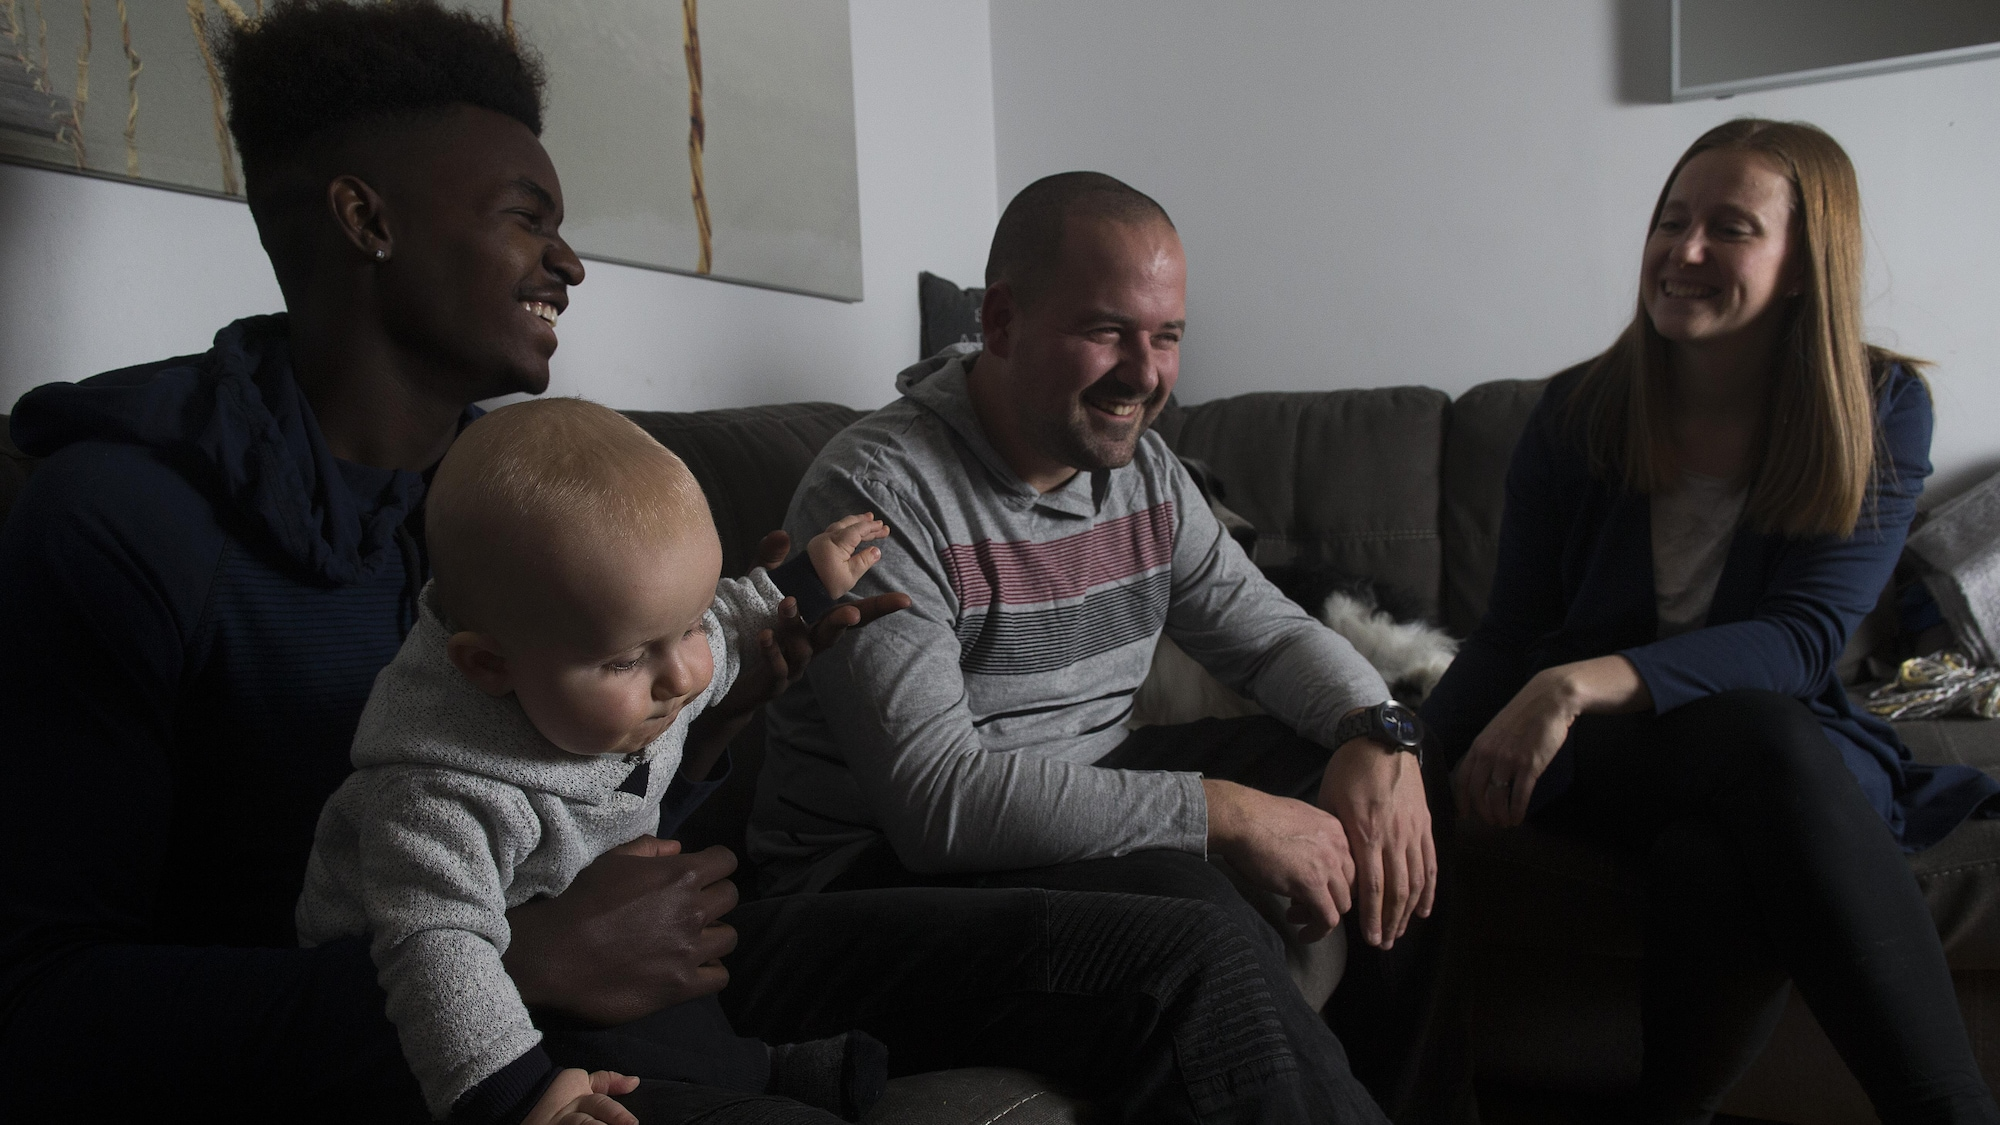 Prinzy Dessources, qui tient dans ses bras le petit Madden, est assis sur un divan près de son père et de sa mère.